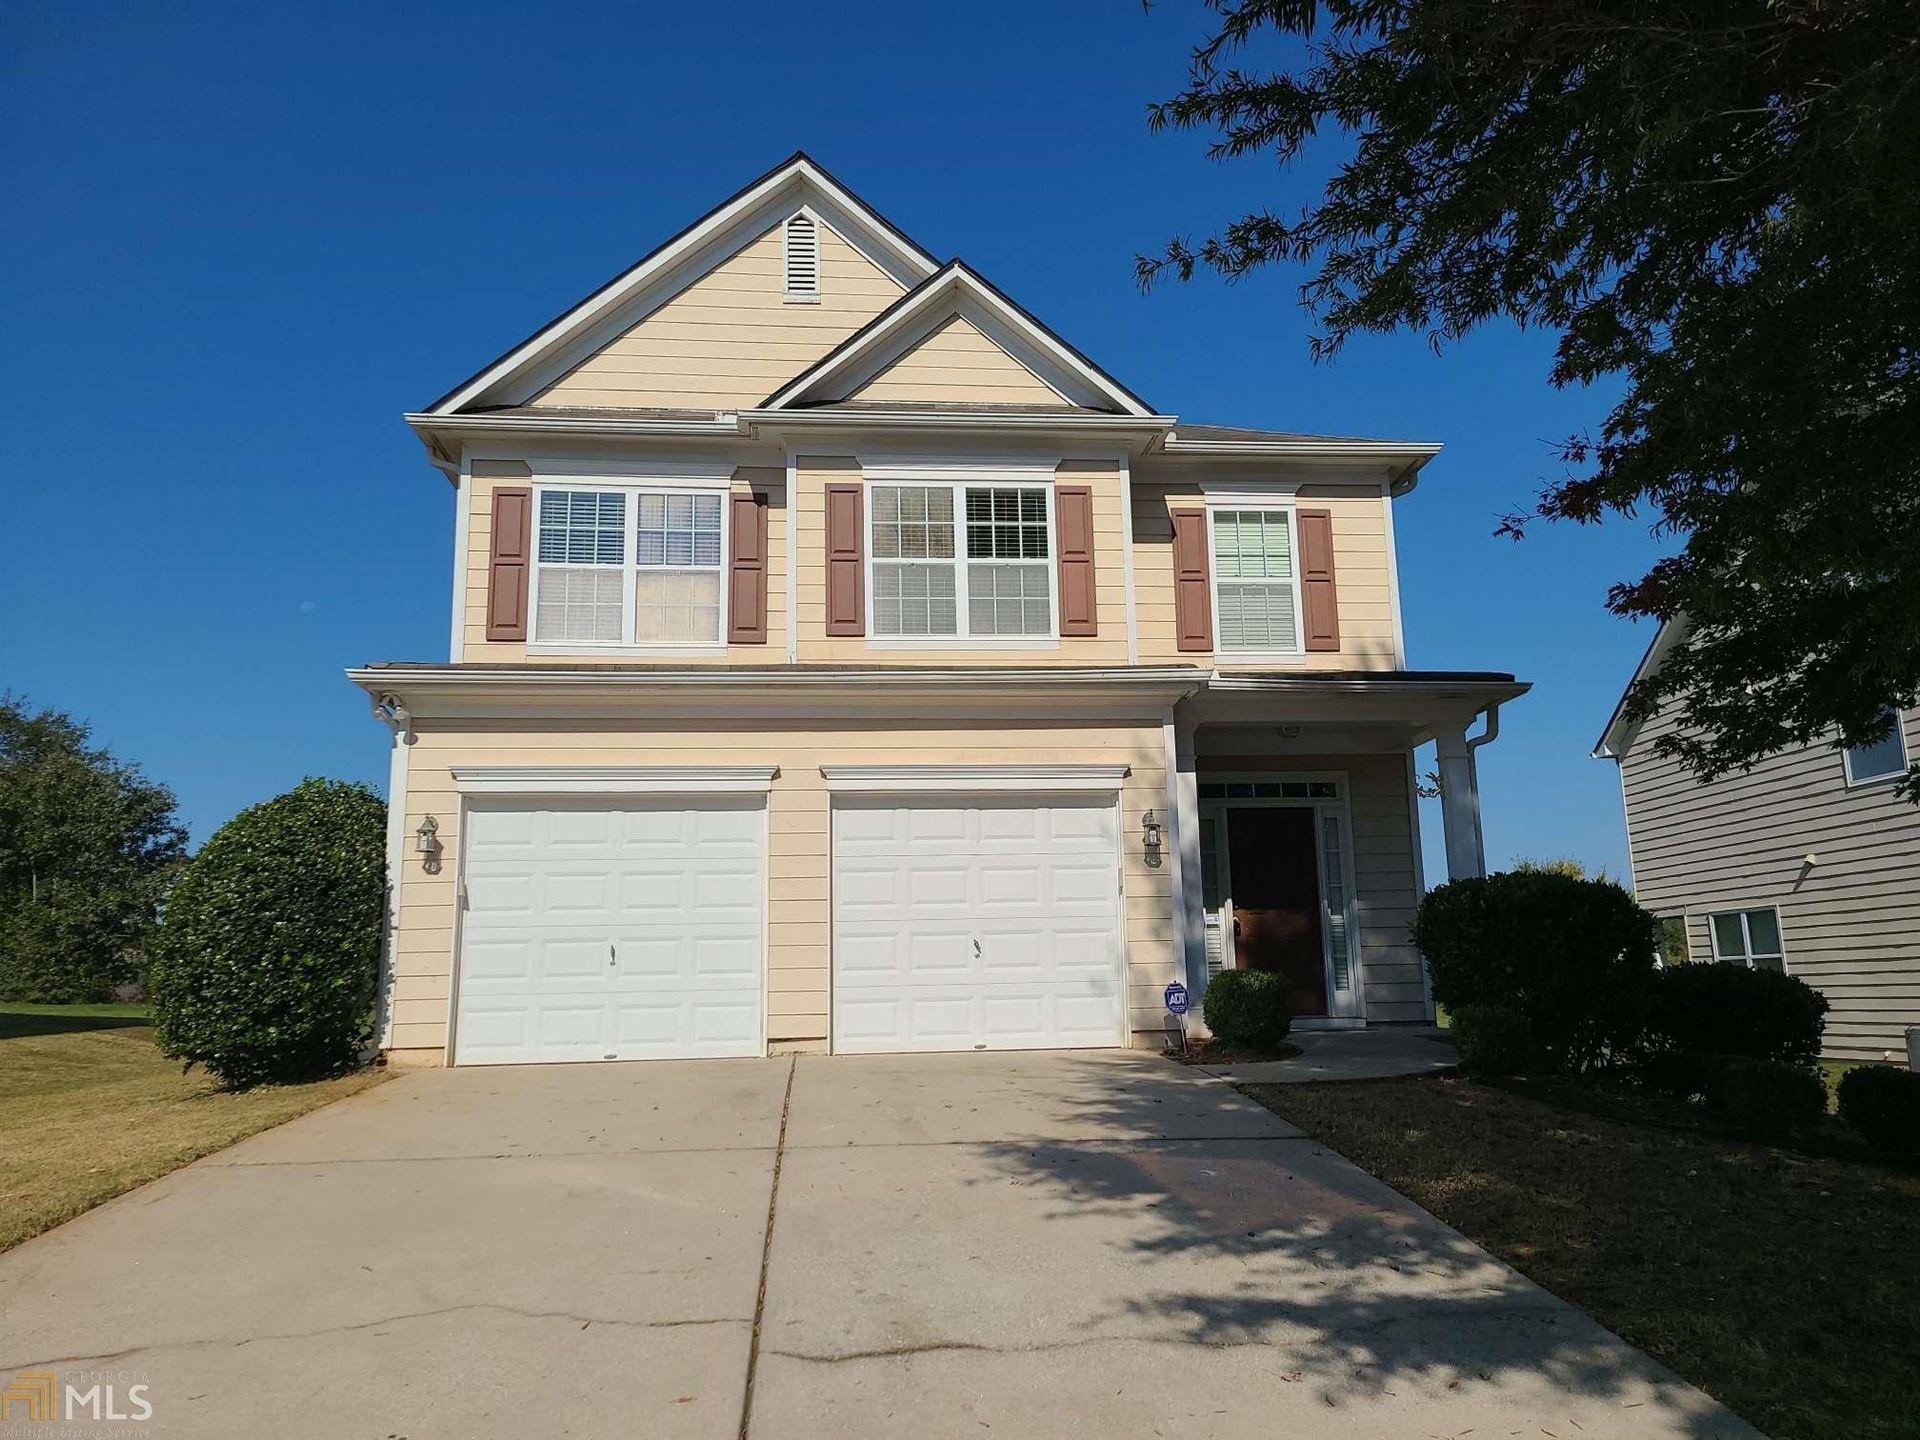 45 Thrasher Way, Covington, GA 30014 - MLS#: 8869771